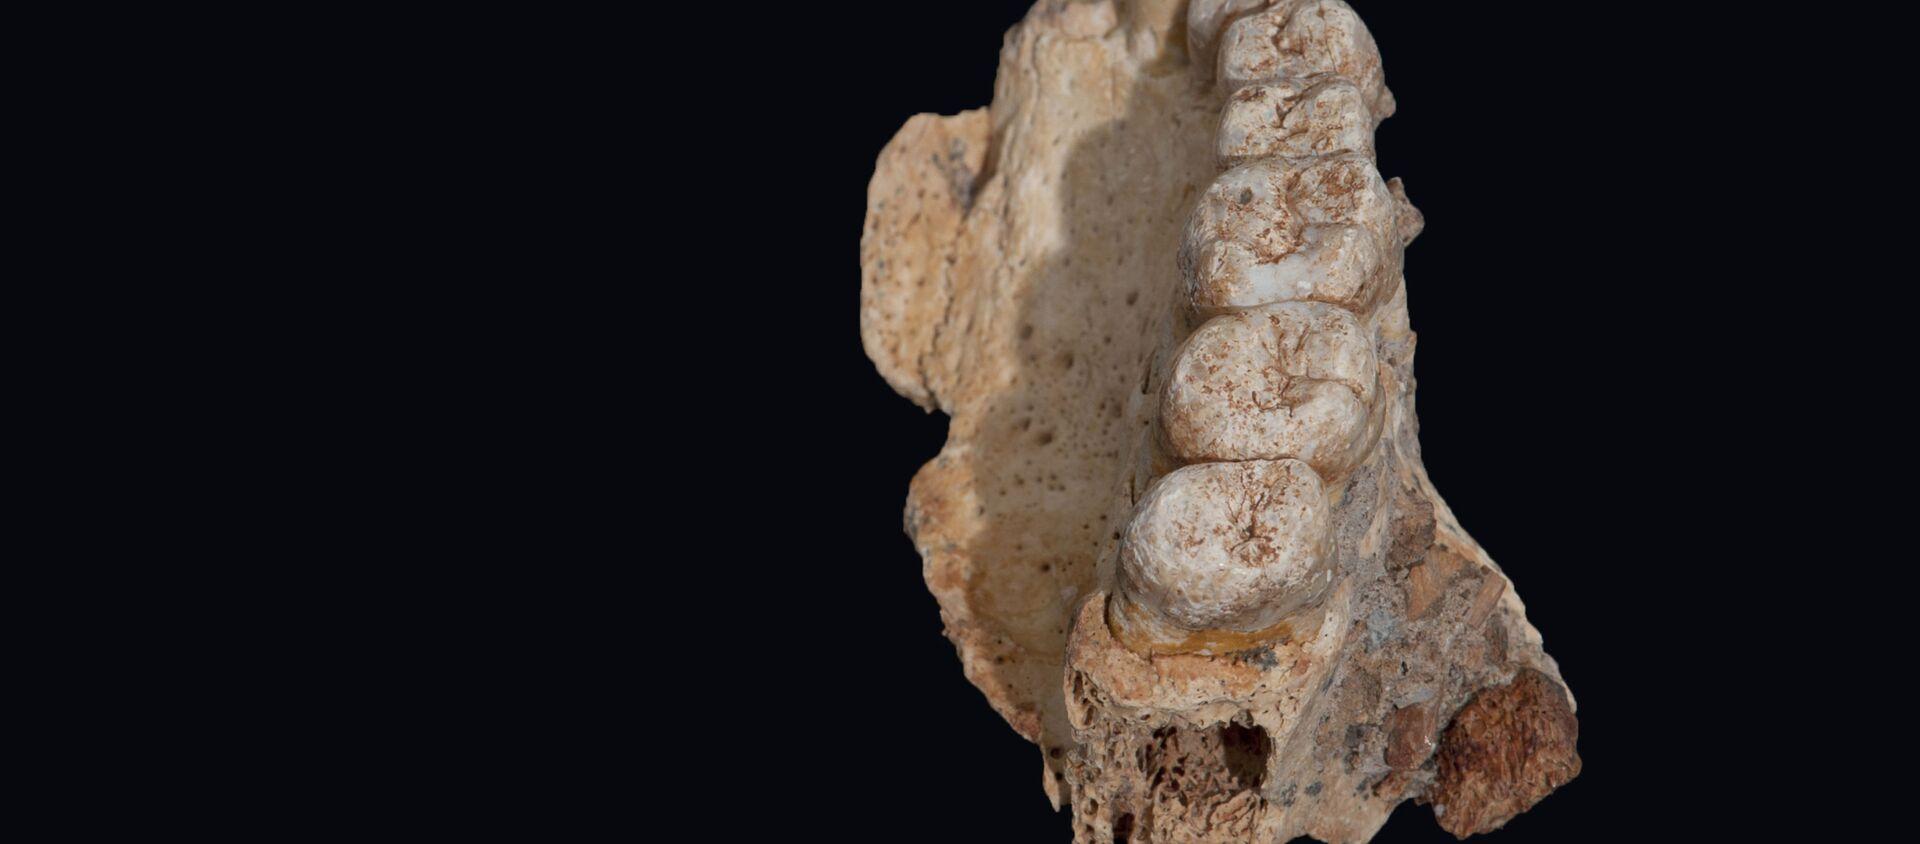 Фрагмент челюсти, обнаруженный в пещере Мислия на севере Израиля - Sputnik Việt Nam, 1920, 03.02.2020